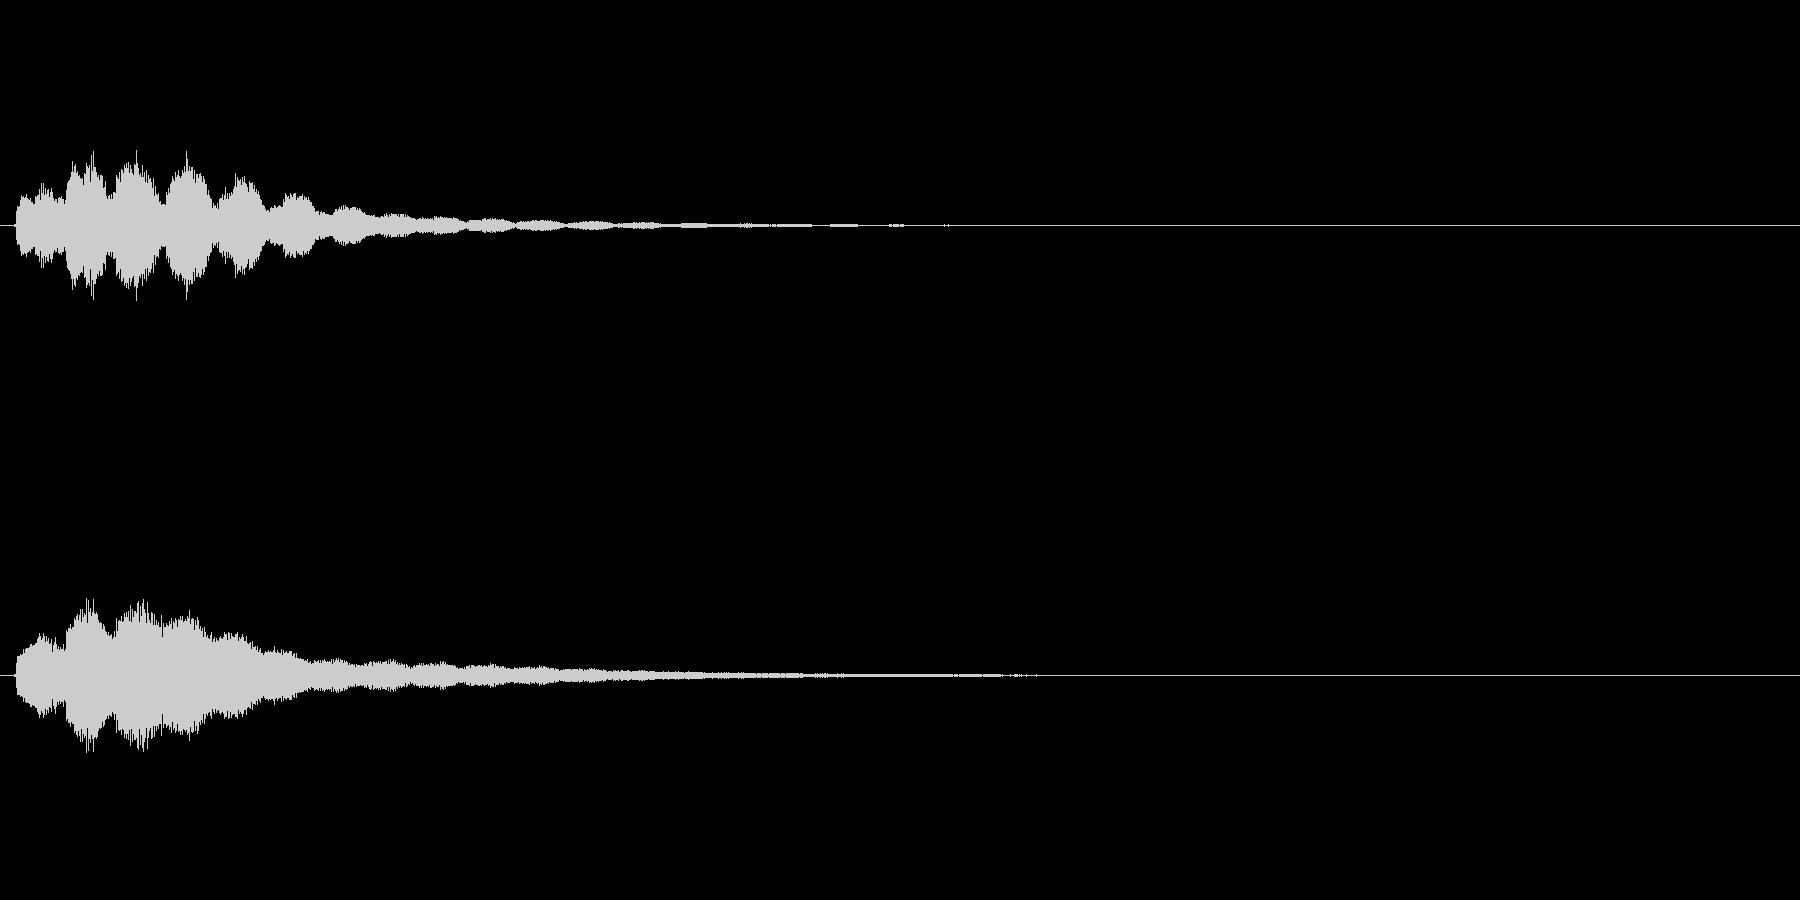 キラキラーン(回想前、振り返り、気付き)の未再生の波形